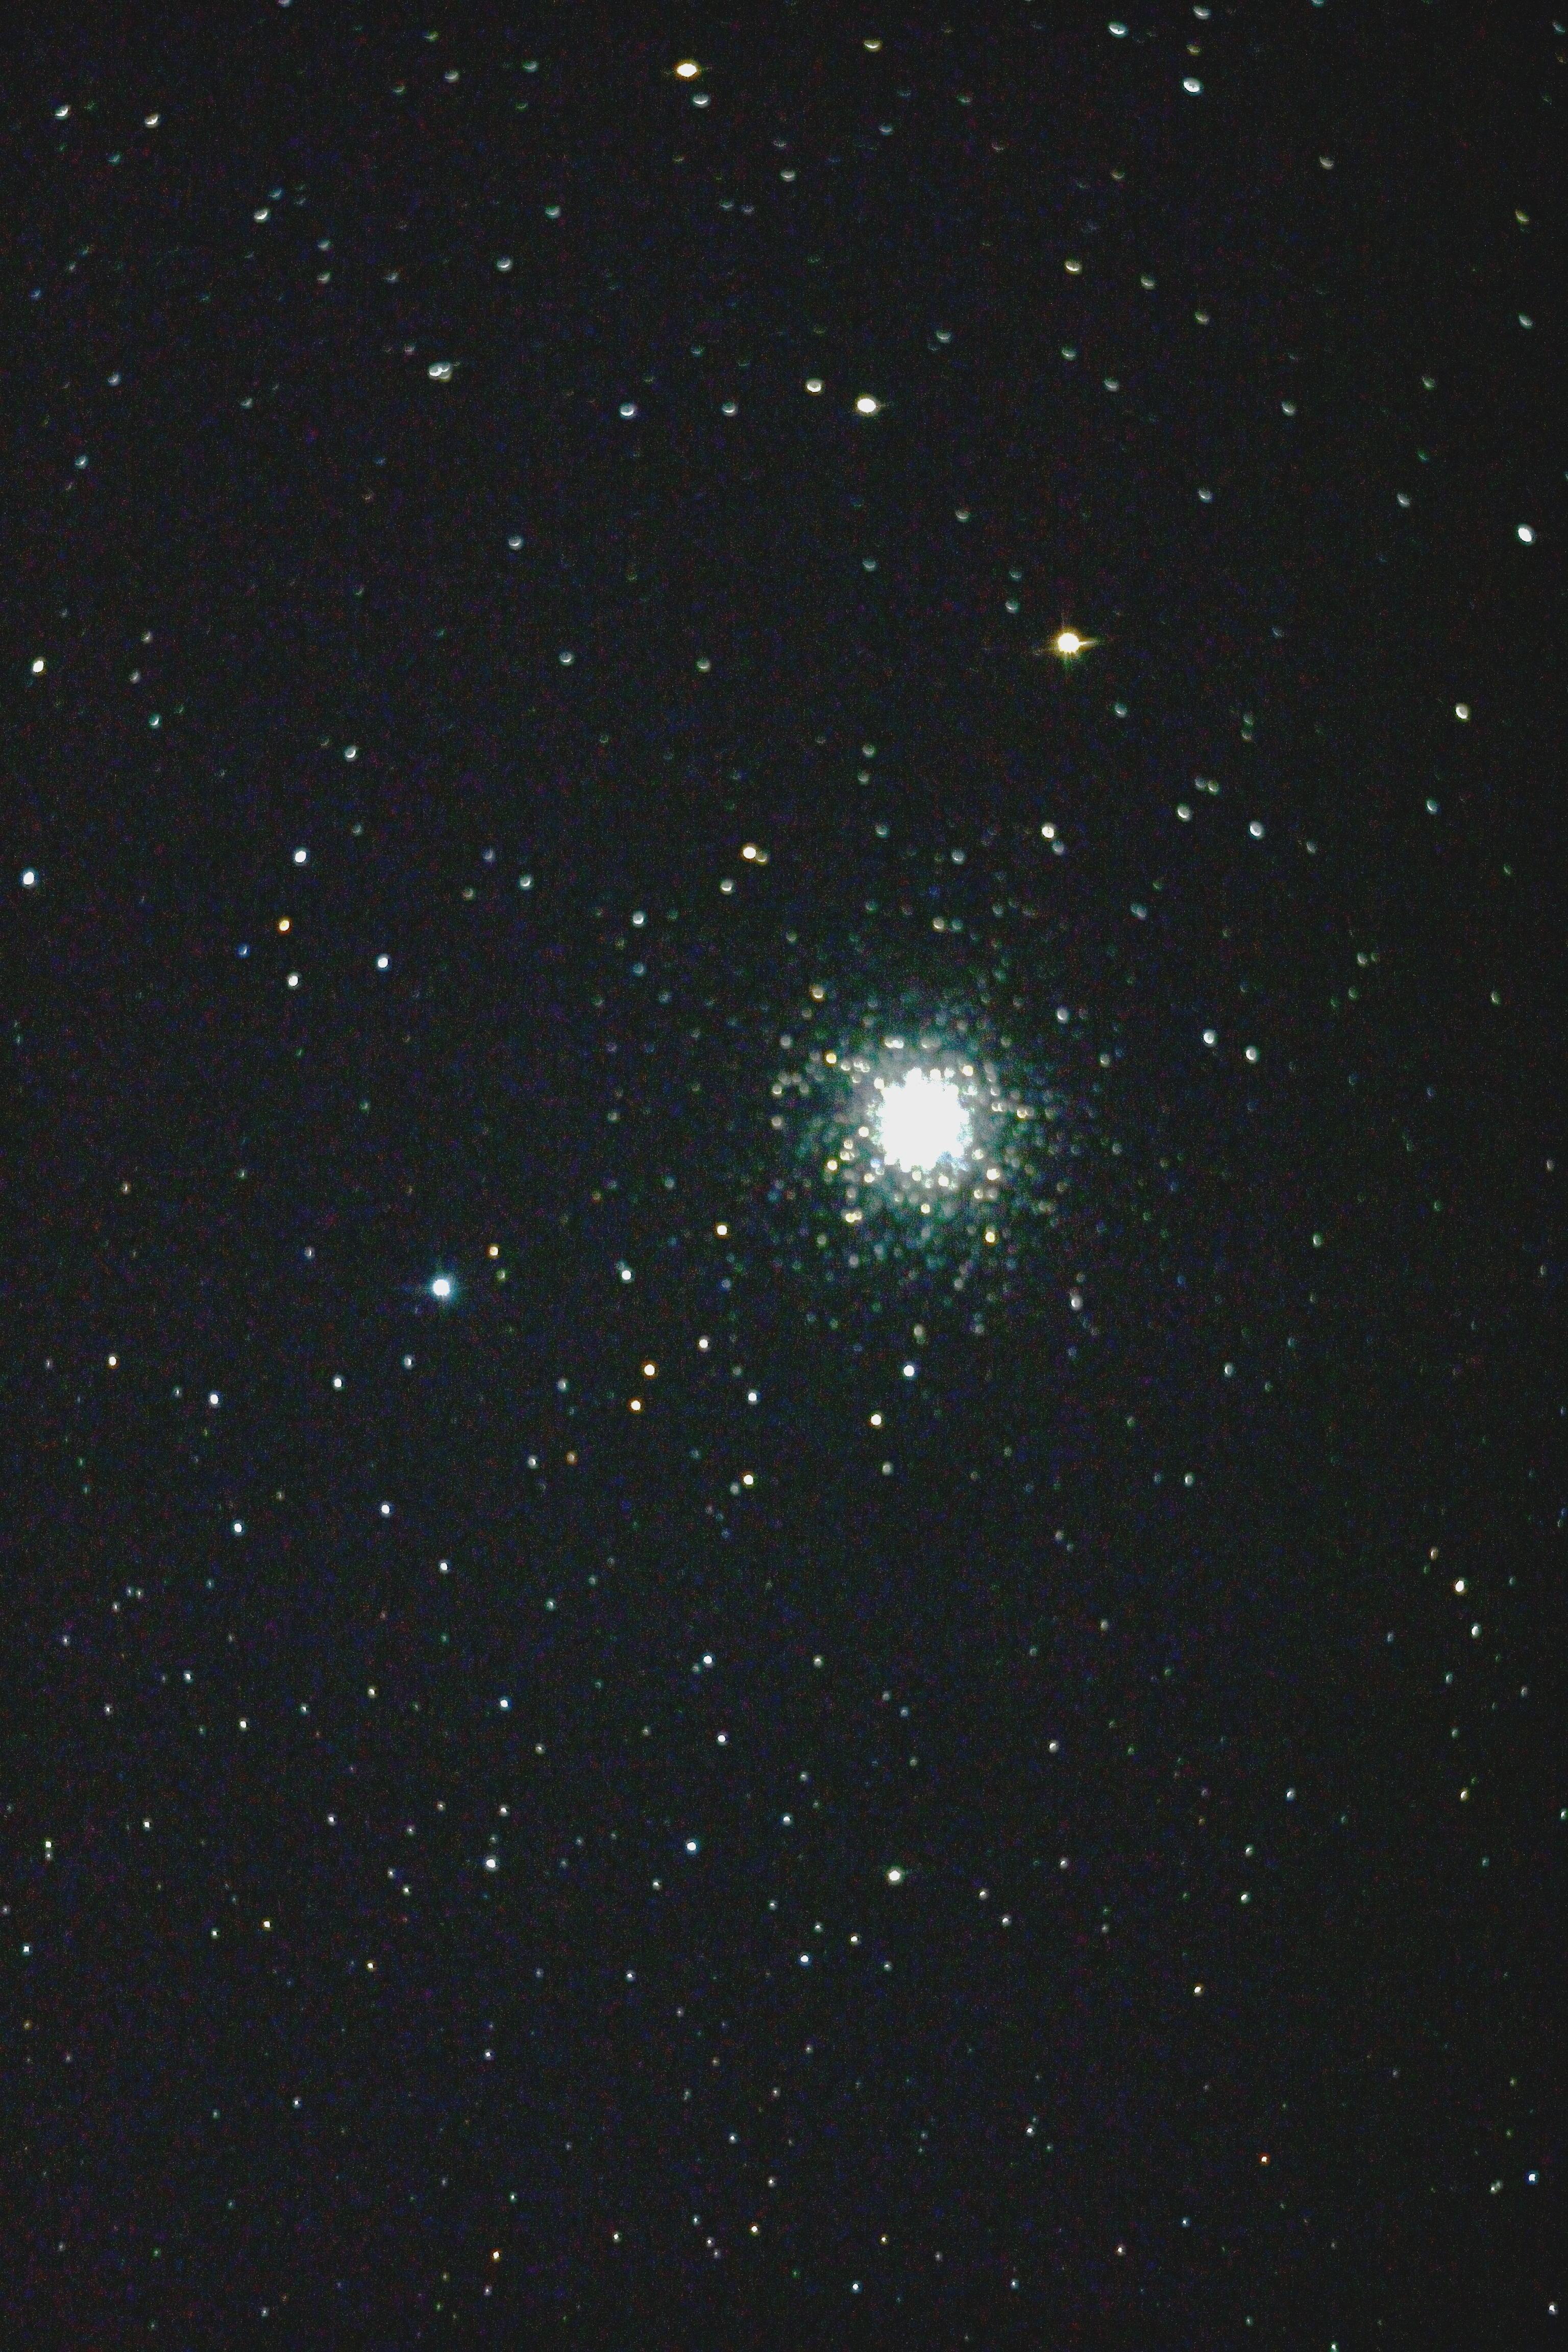 Hercules Globular Cluster